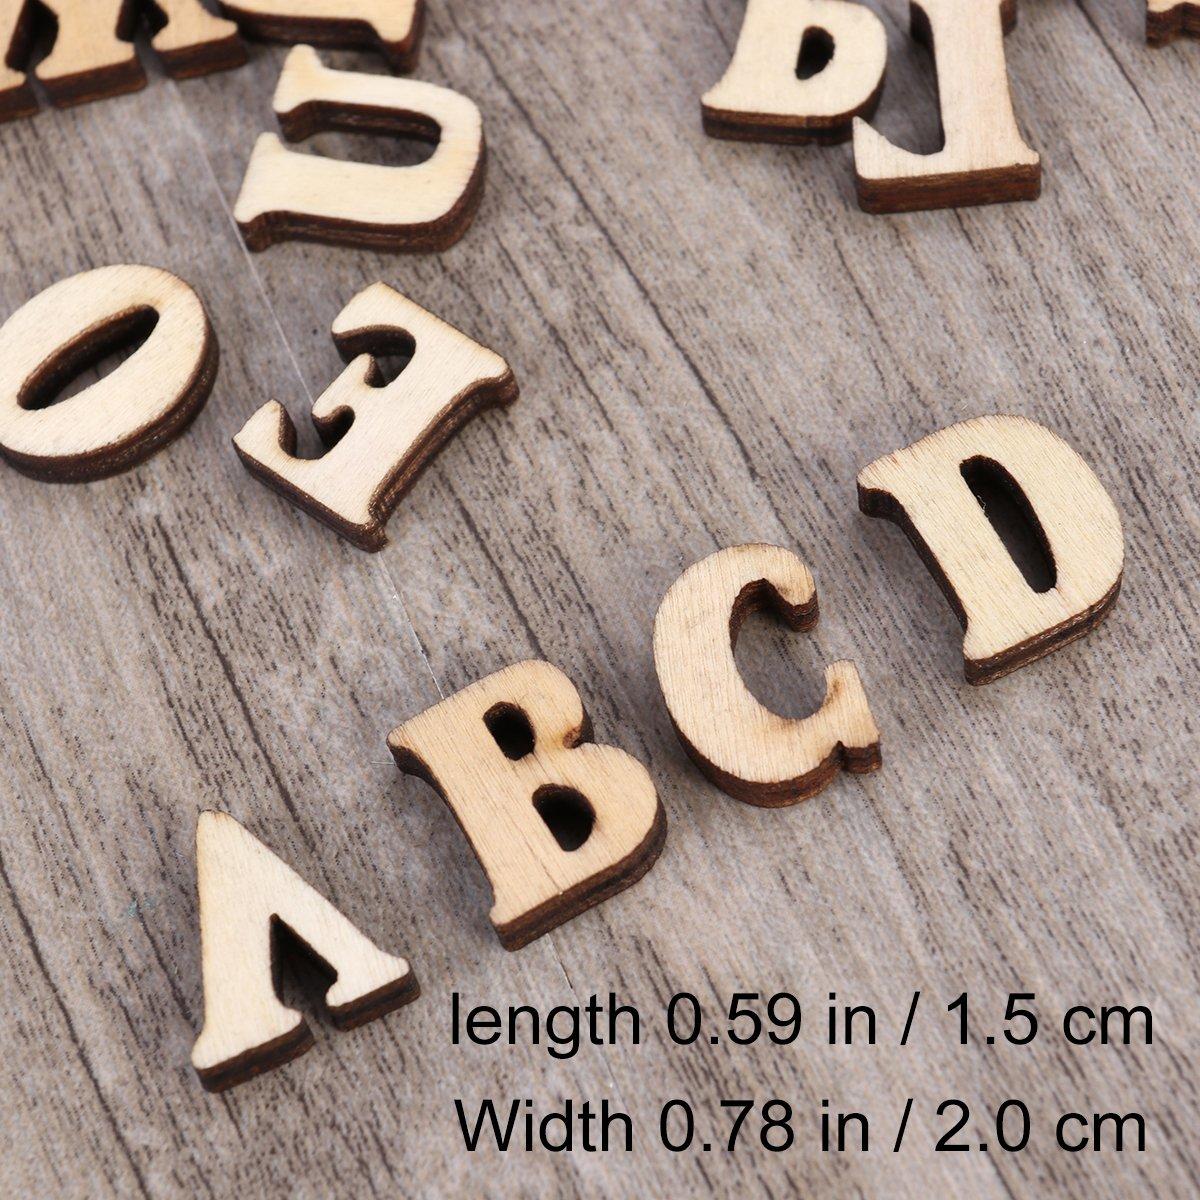 Healifty 100 Piezas Peque/ñas Letras Del Alfabeto de Madera Letras de Artesan/ía de Madera Rebanadas de Madera Herramientas Educativas para Scrapbooking Diy Craft 15Mm